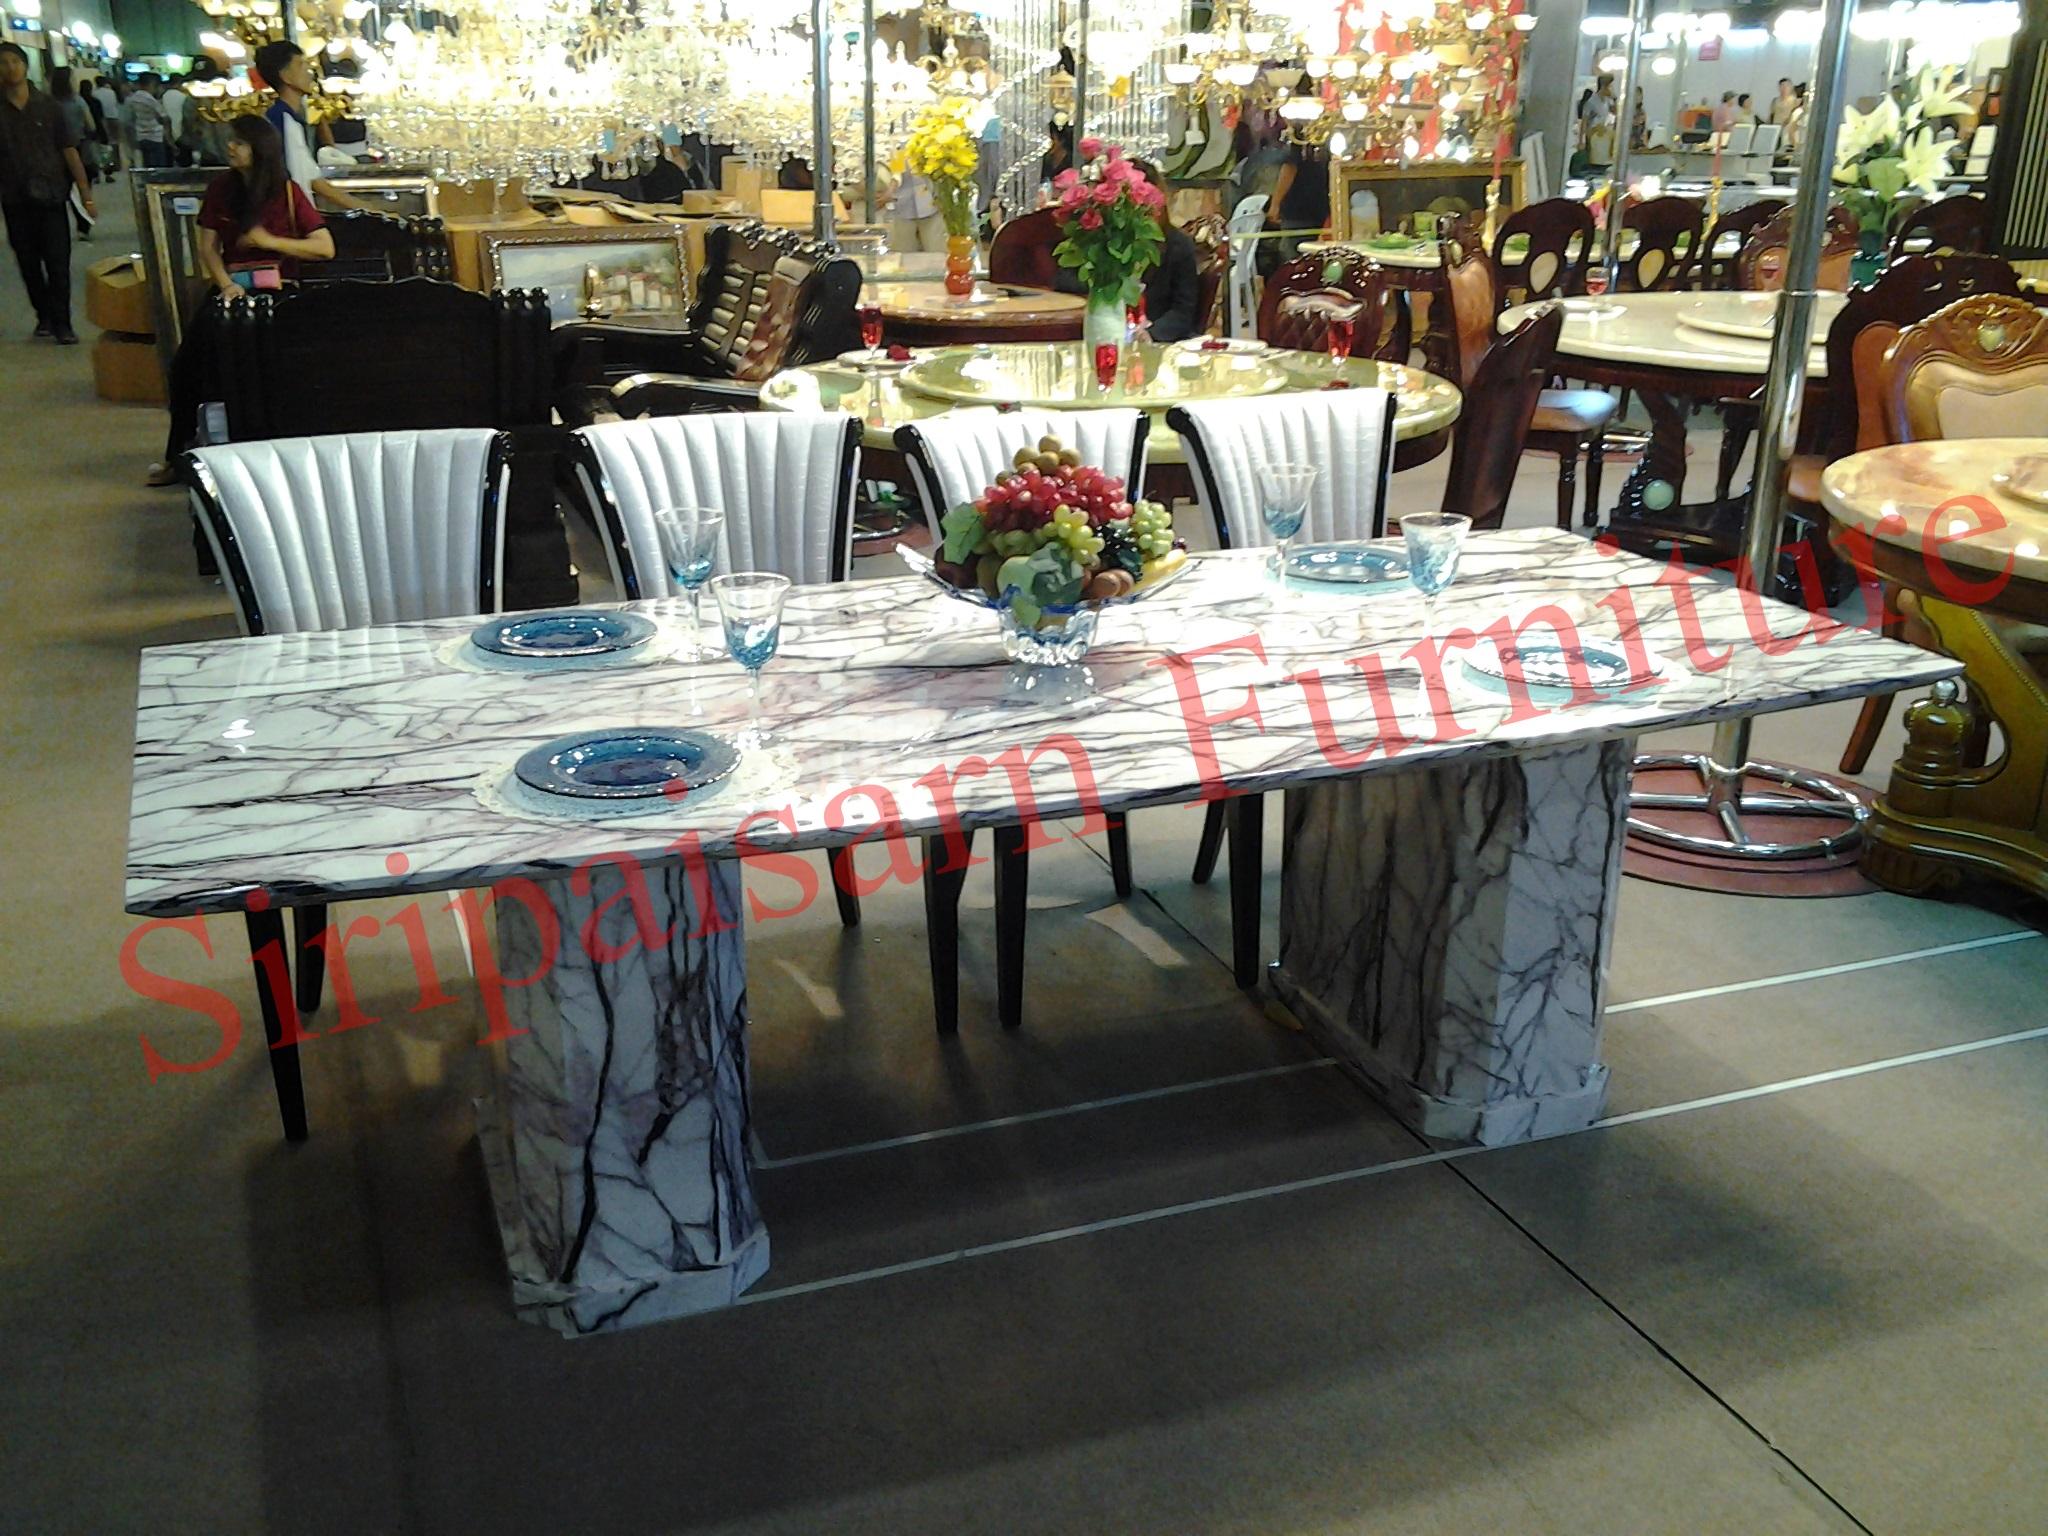 โต๊ะอาหารหินอ่อนอิตาลีแท้